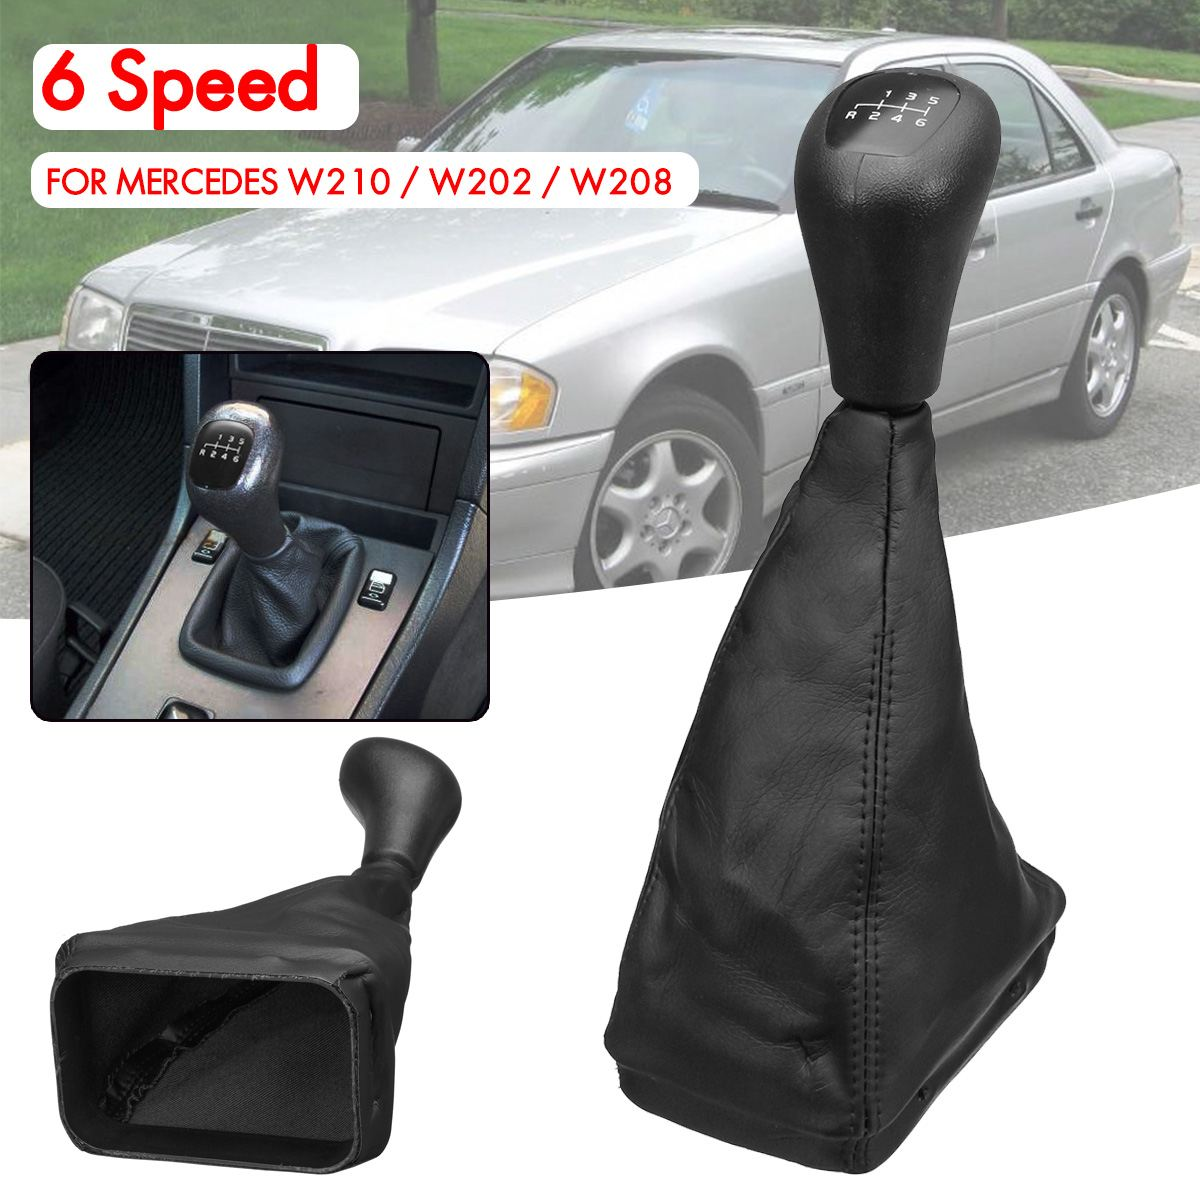 6 velocidade do carro alavanca alavanca shifter gaiter boot capa de couro para mercedes w202 c w208 clk w210 e